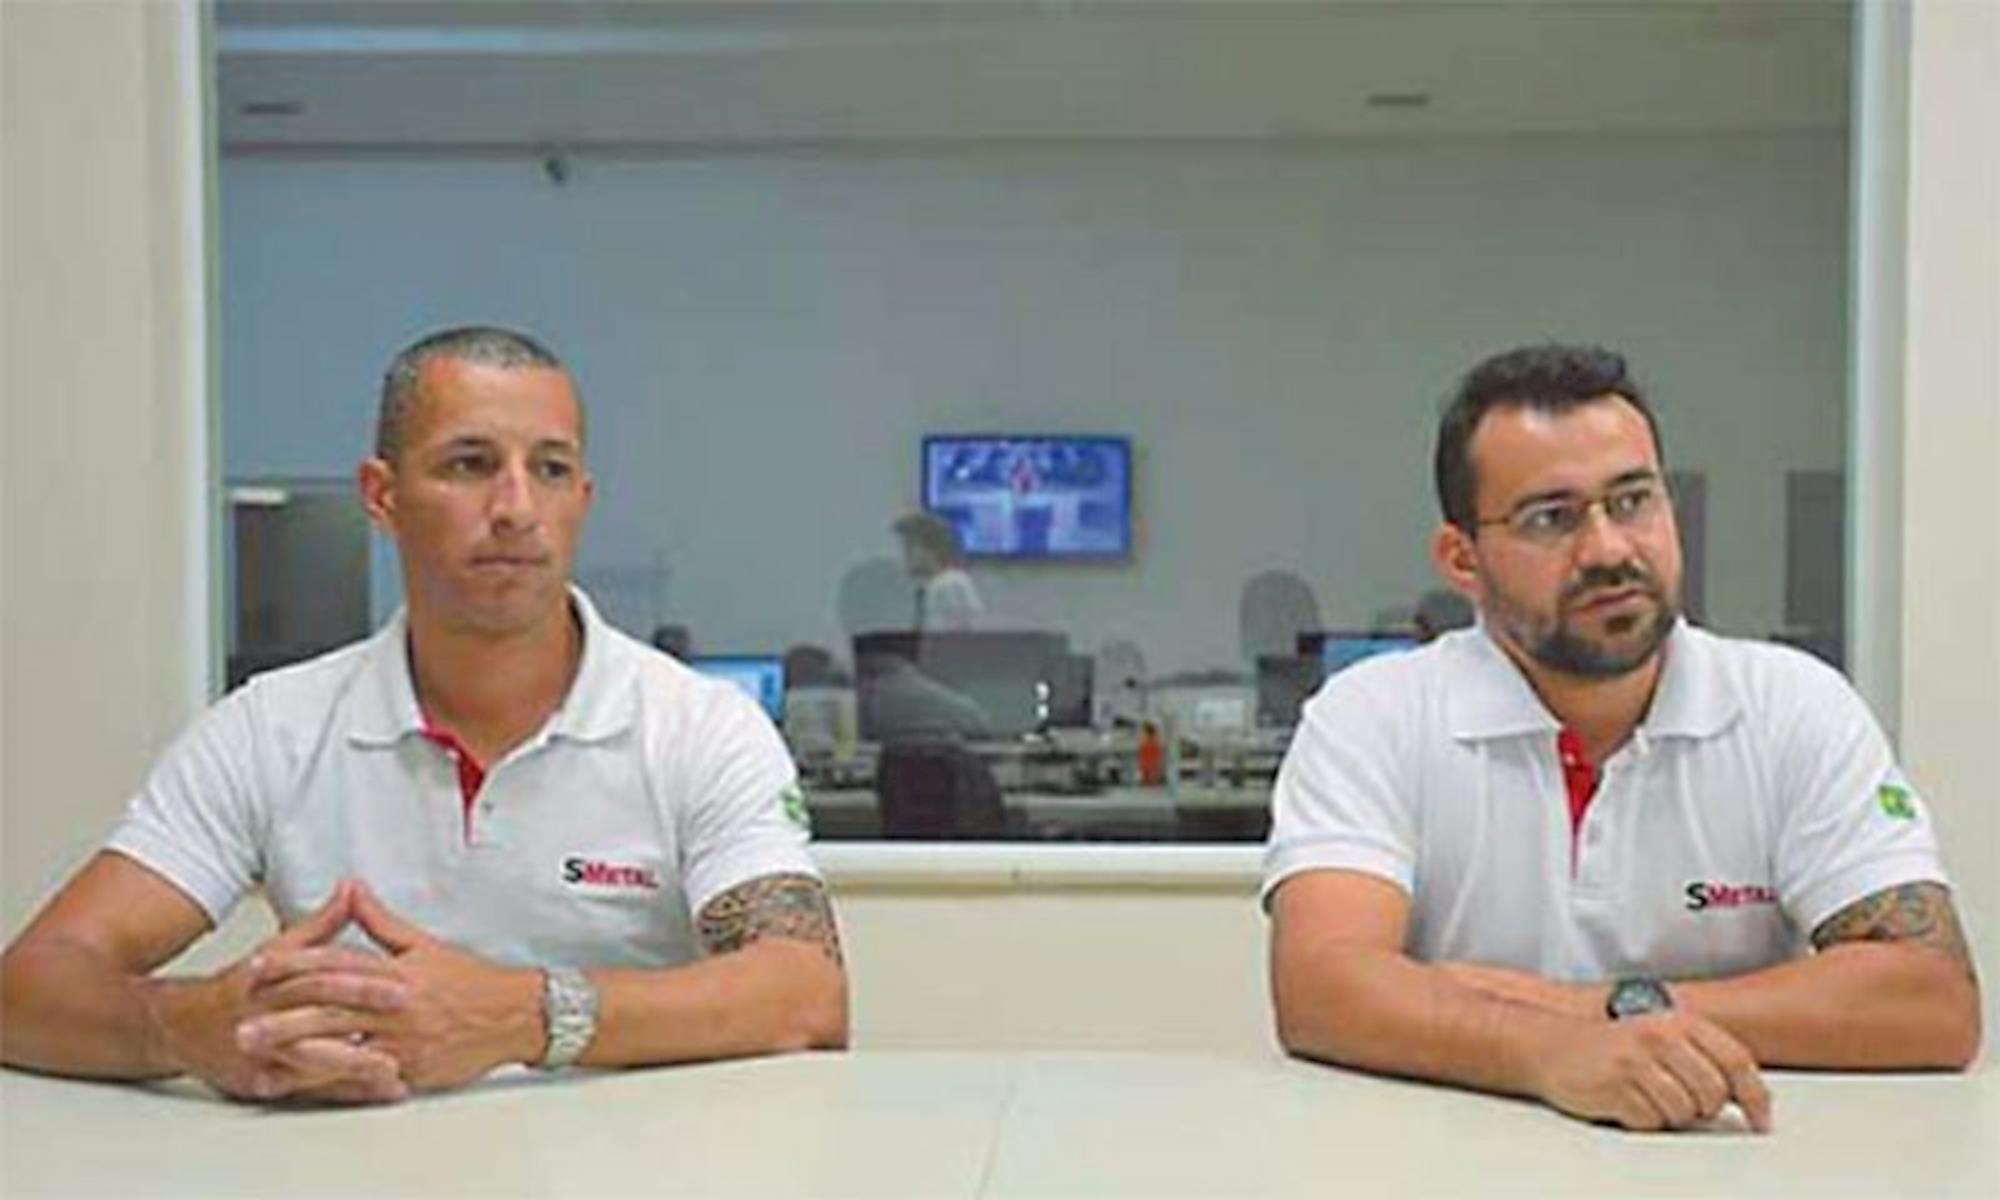 leandro soares, silvio ferreita, smetal, sorocaba, campanha salarial, entrevista, jornal cruzeiro do sul, Erick Pinheiro/Cruzeiro do Sul